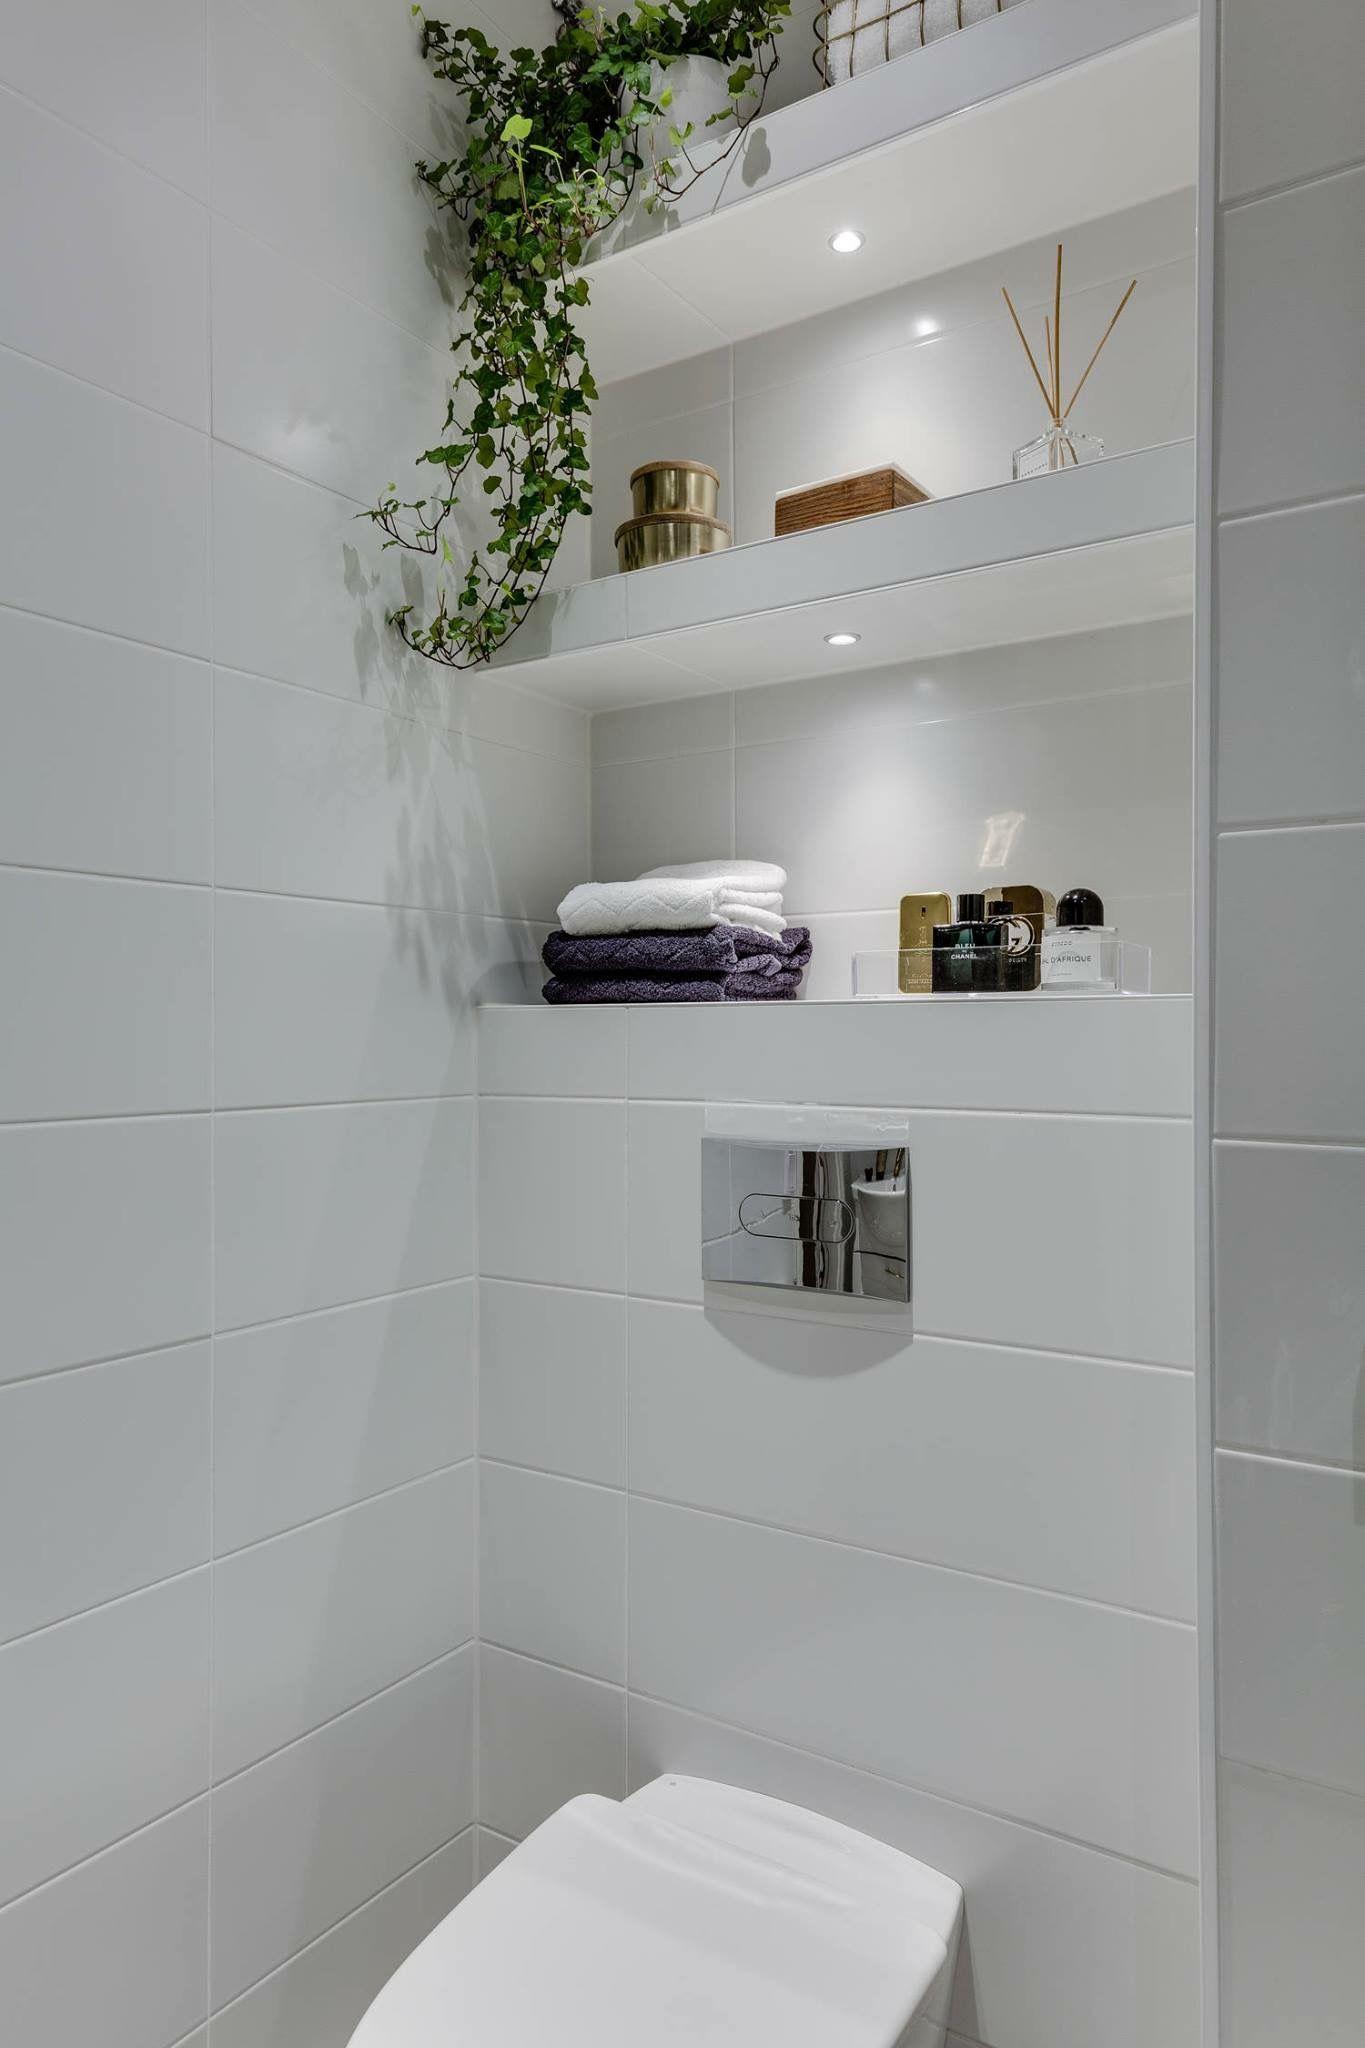 Gäste Wc Nachträglich Einbauen badrum house roomspiration badezimmer gäste wc